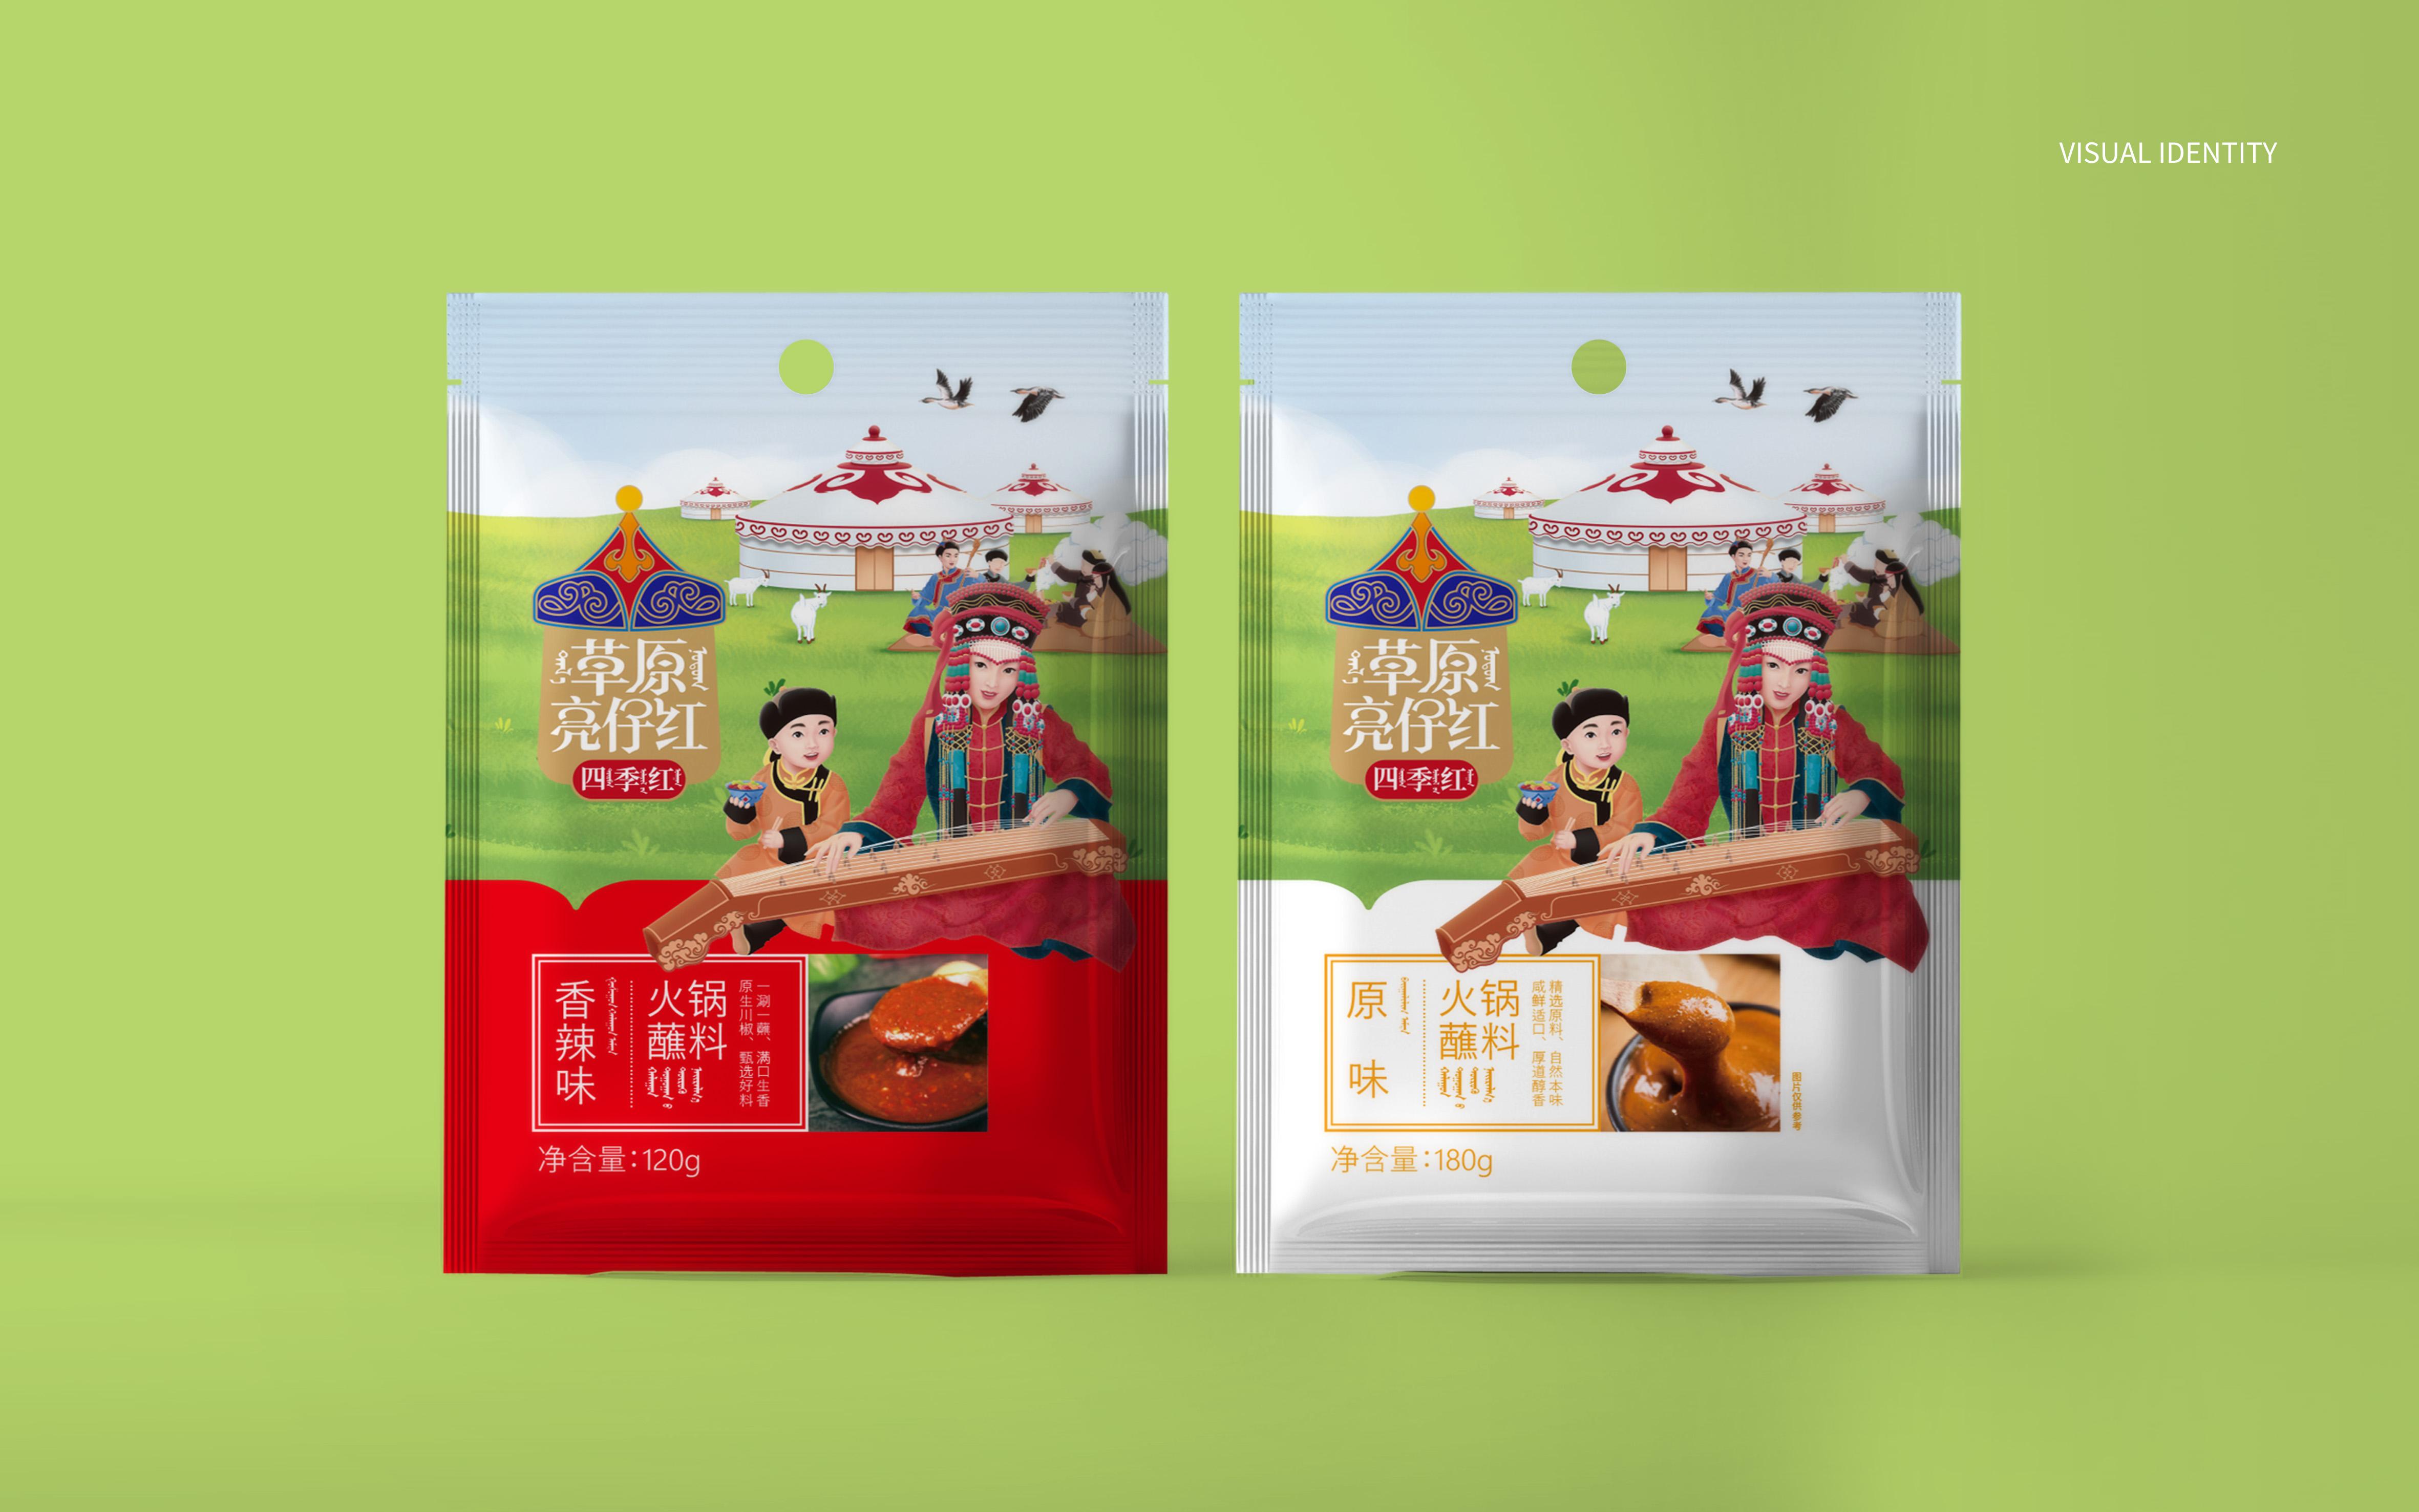 国潮插画包装设计食品百货医药说明彩色系包装设计包装盒手提袋